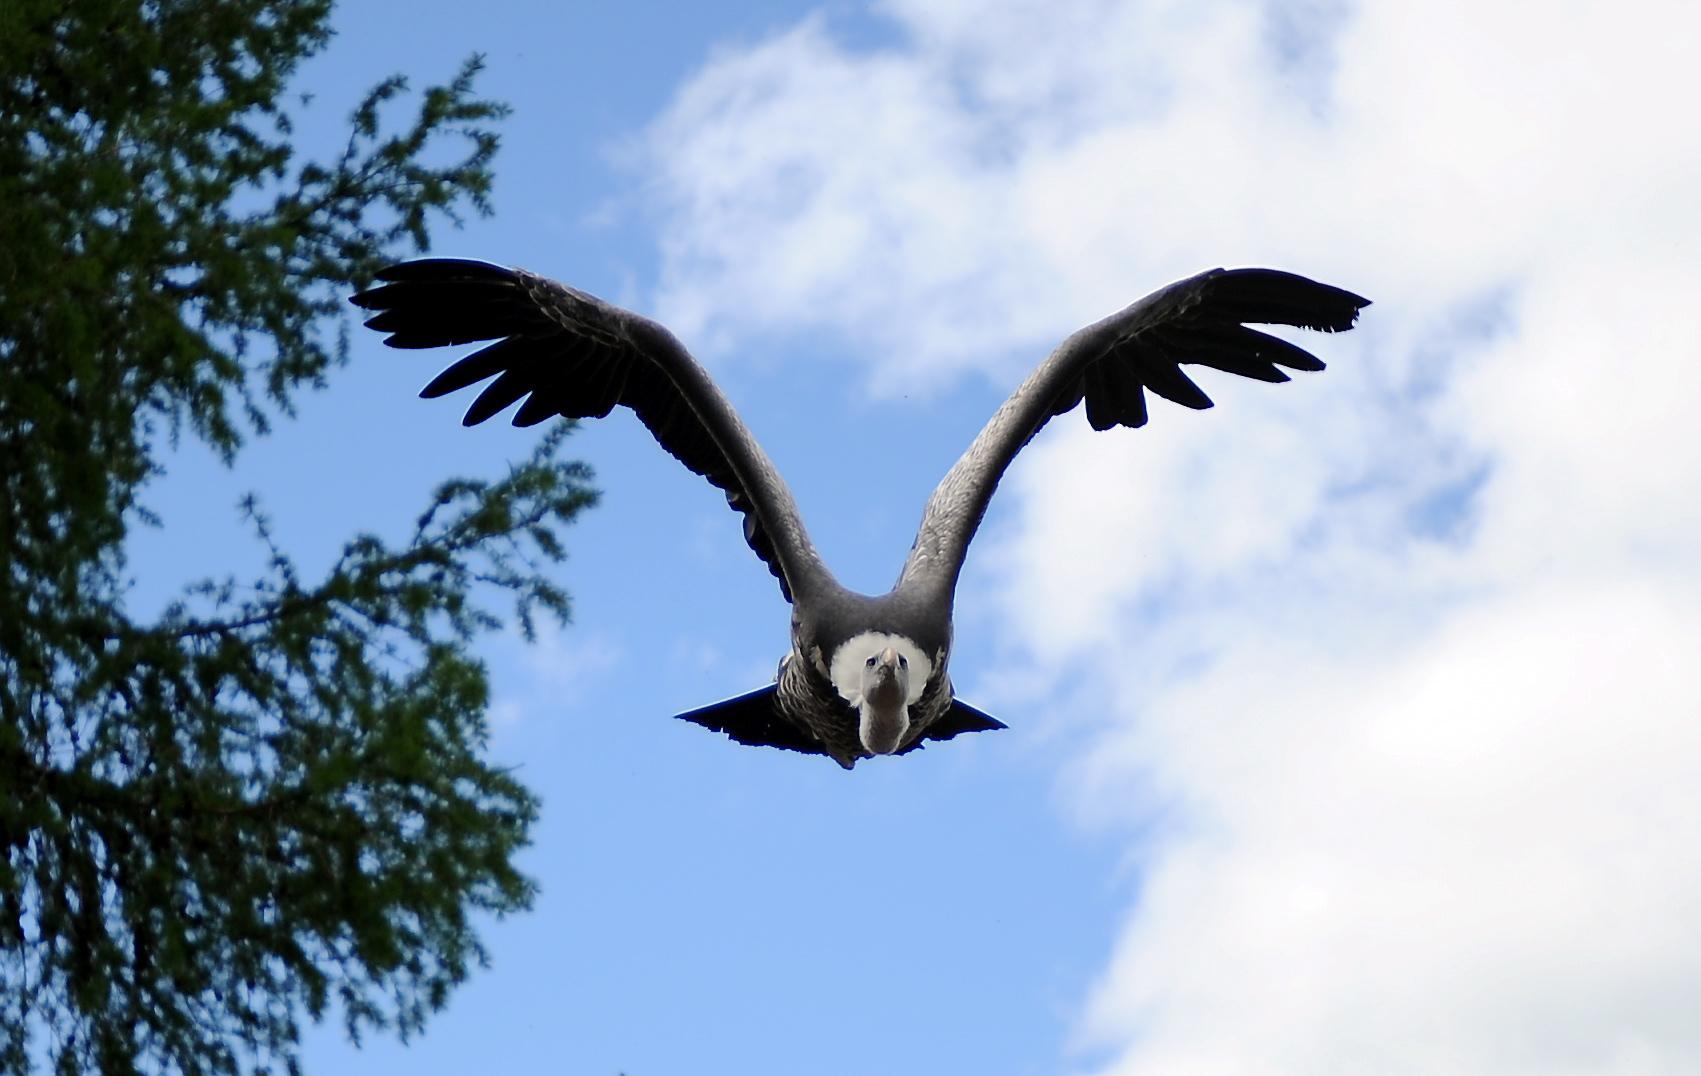 A Vulture at Blair Drummond Safari Park (Darrell Benns / DC Thomson)